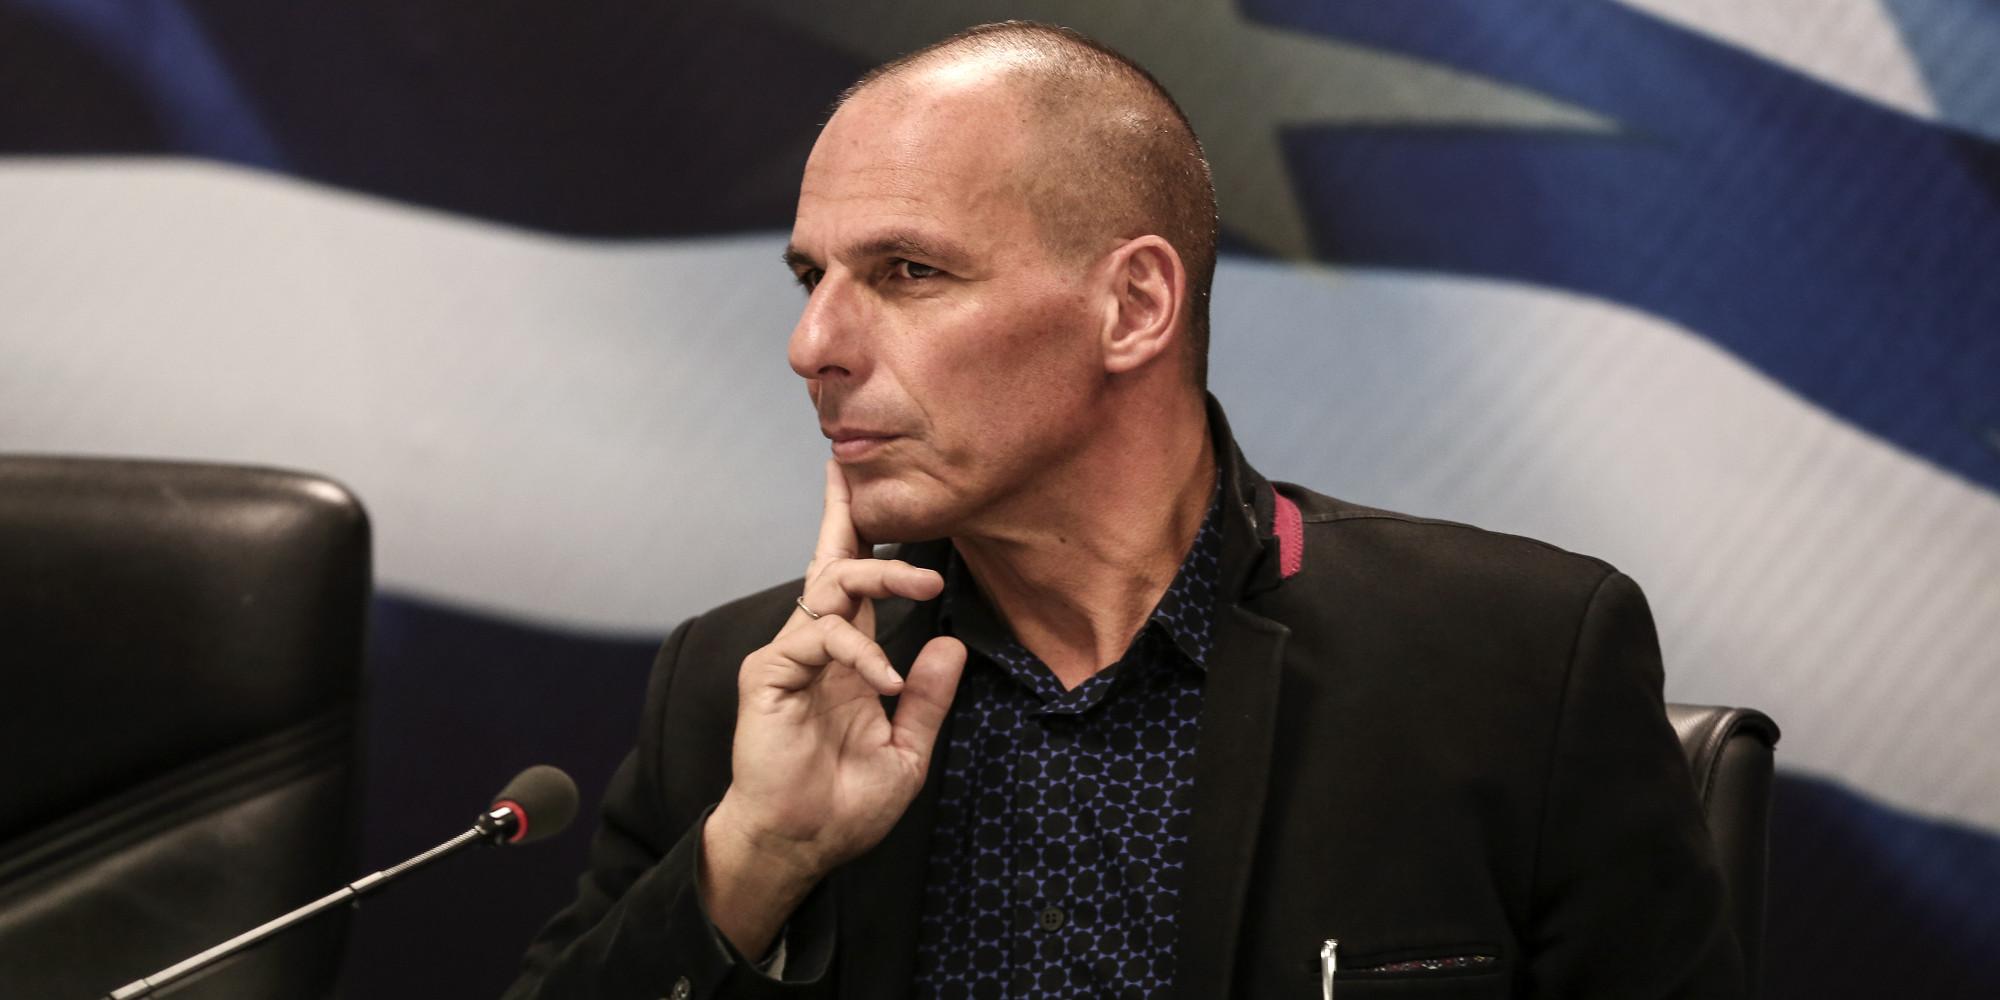 Zein izango dira Syrizaren lehenbiziko neurri ekonomikoak?